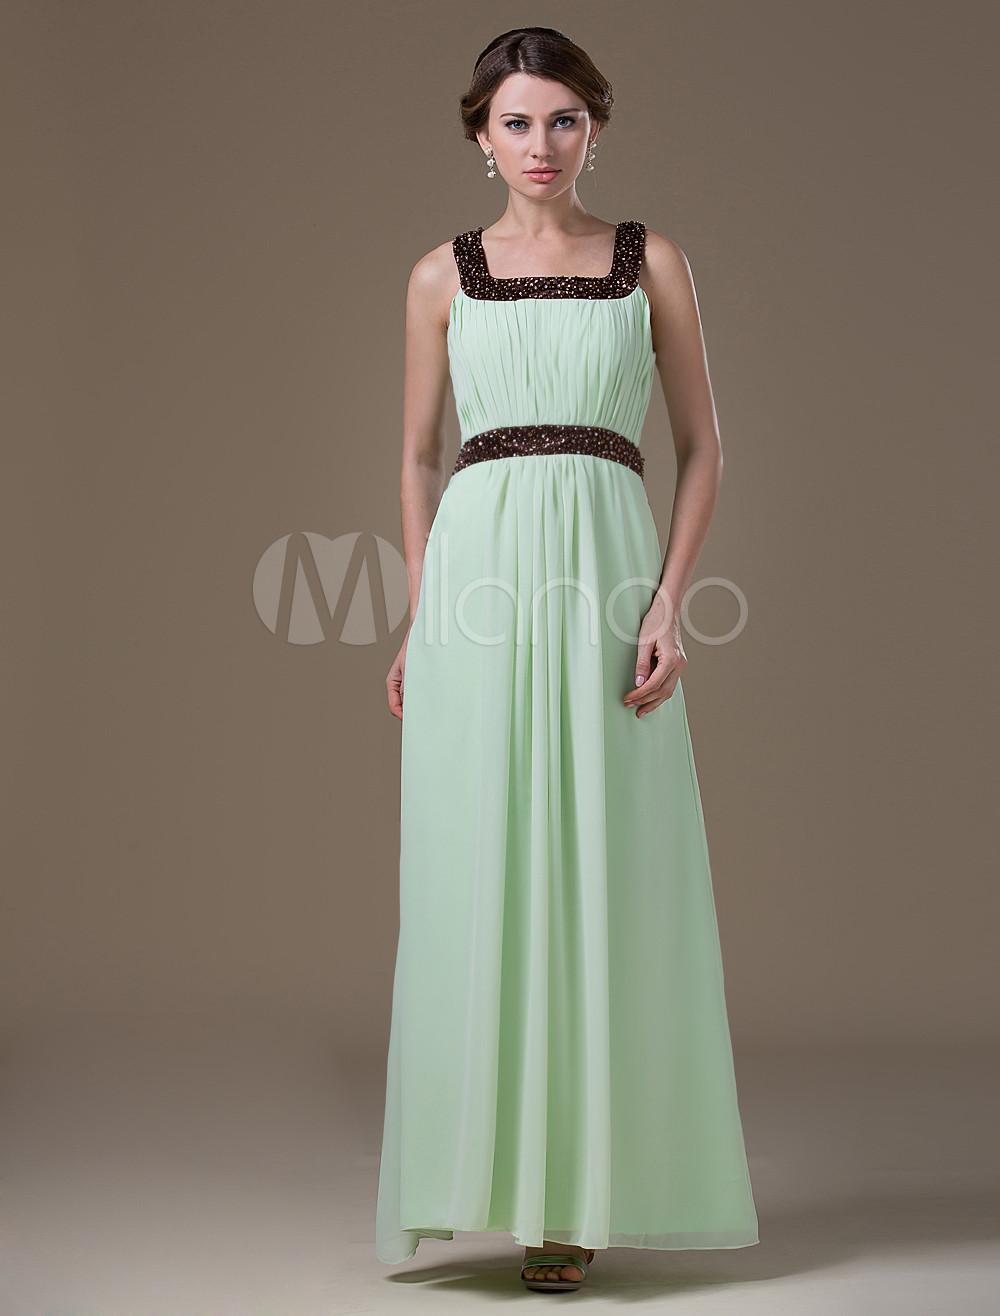 0b1b58f37 Vestidos de damas para embarazadas de gasa de color verde con escote  cuadrado sin mangas de línea A hasta el suelo - Milanoo.com